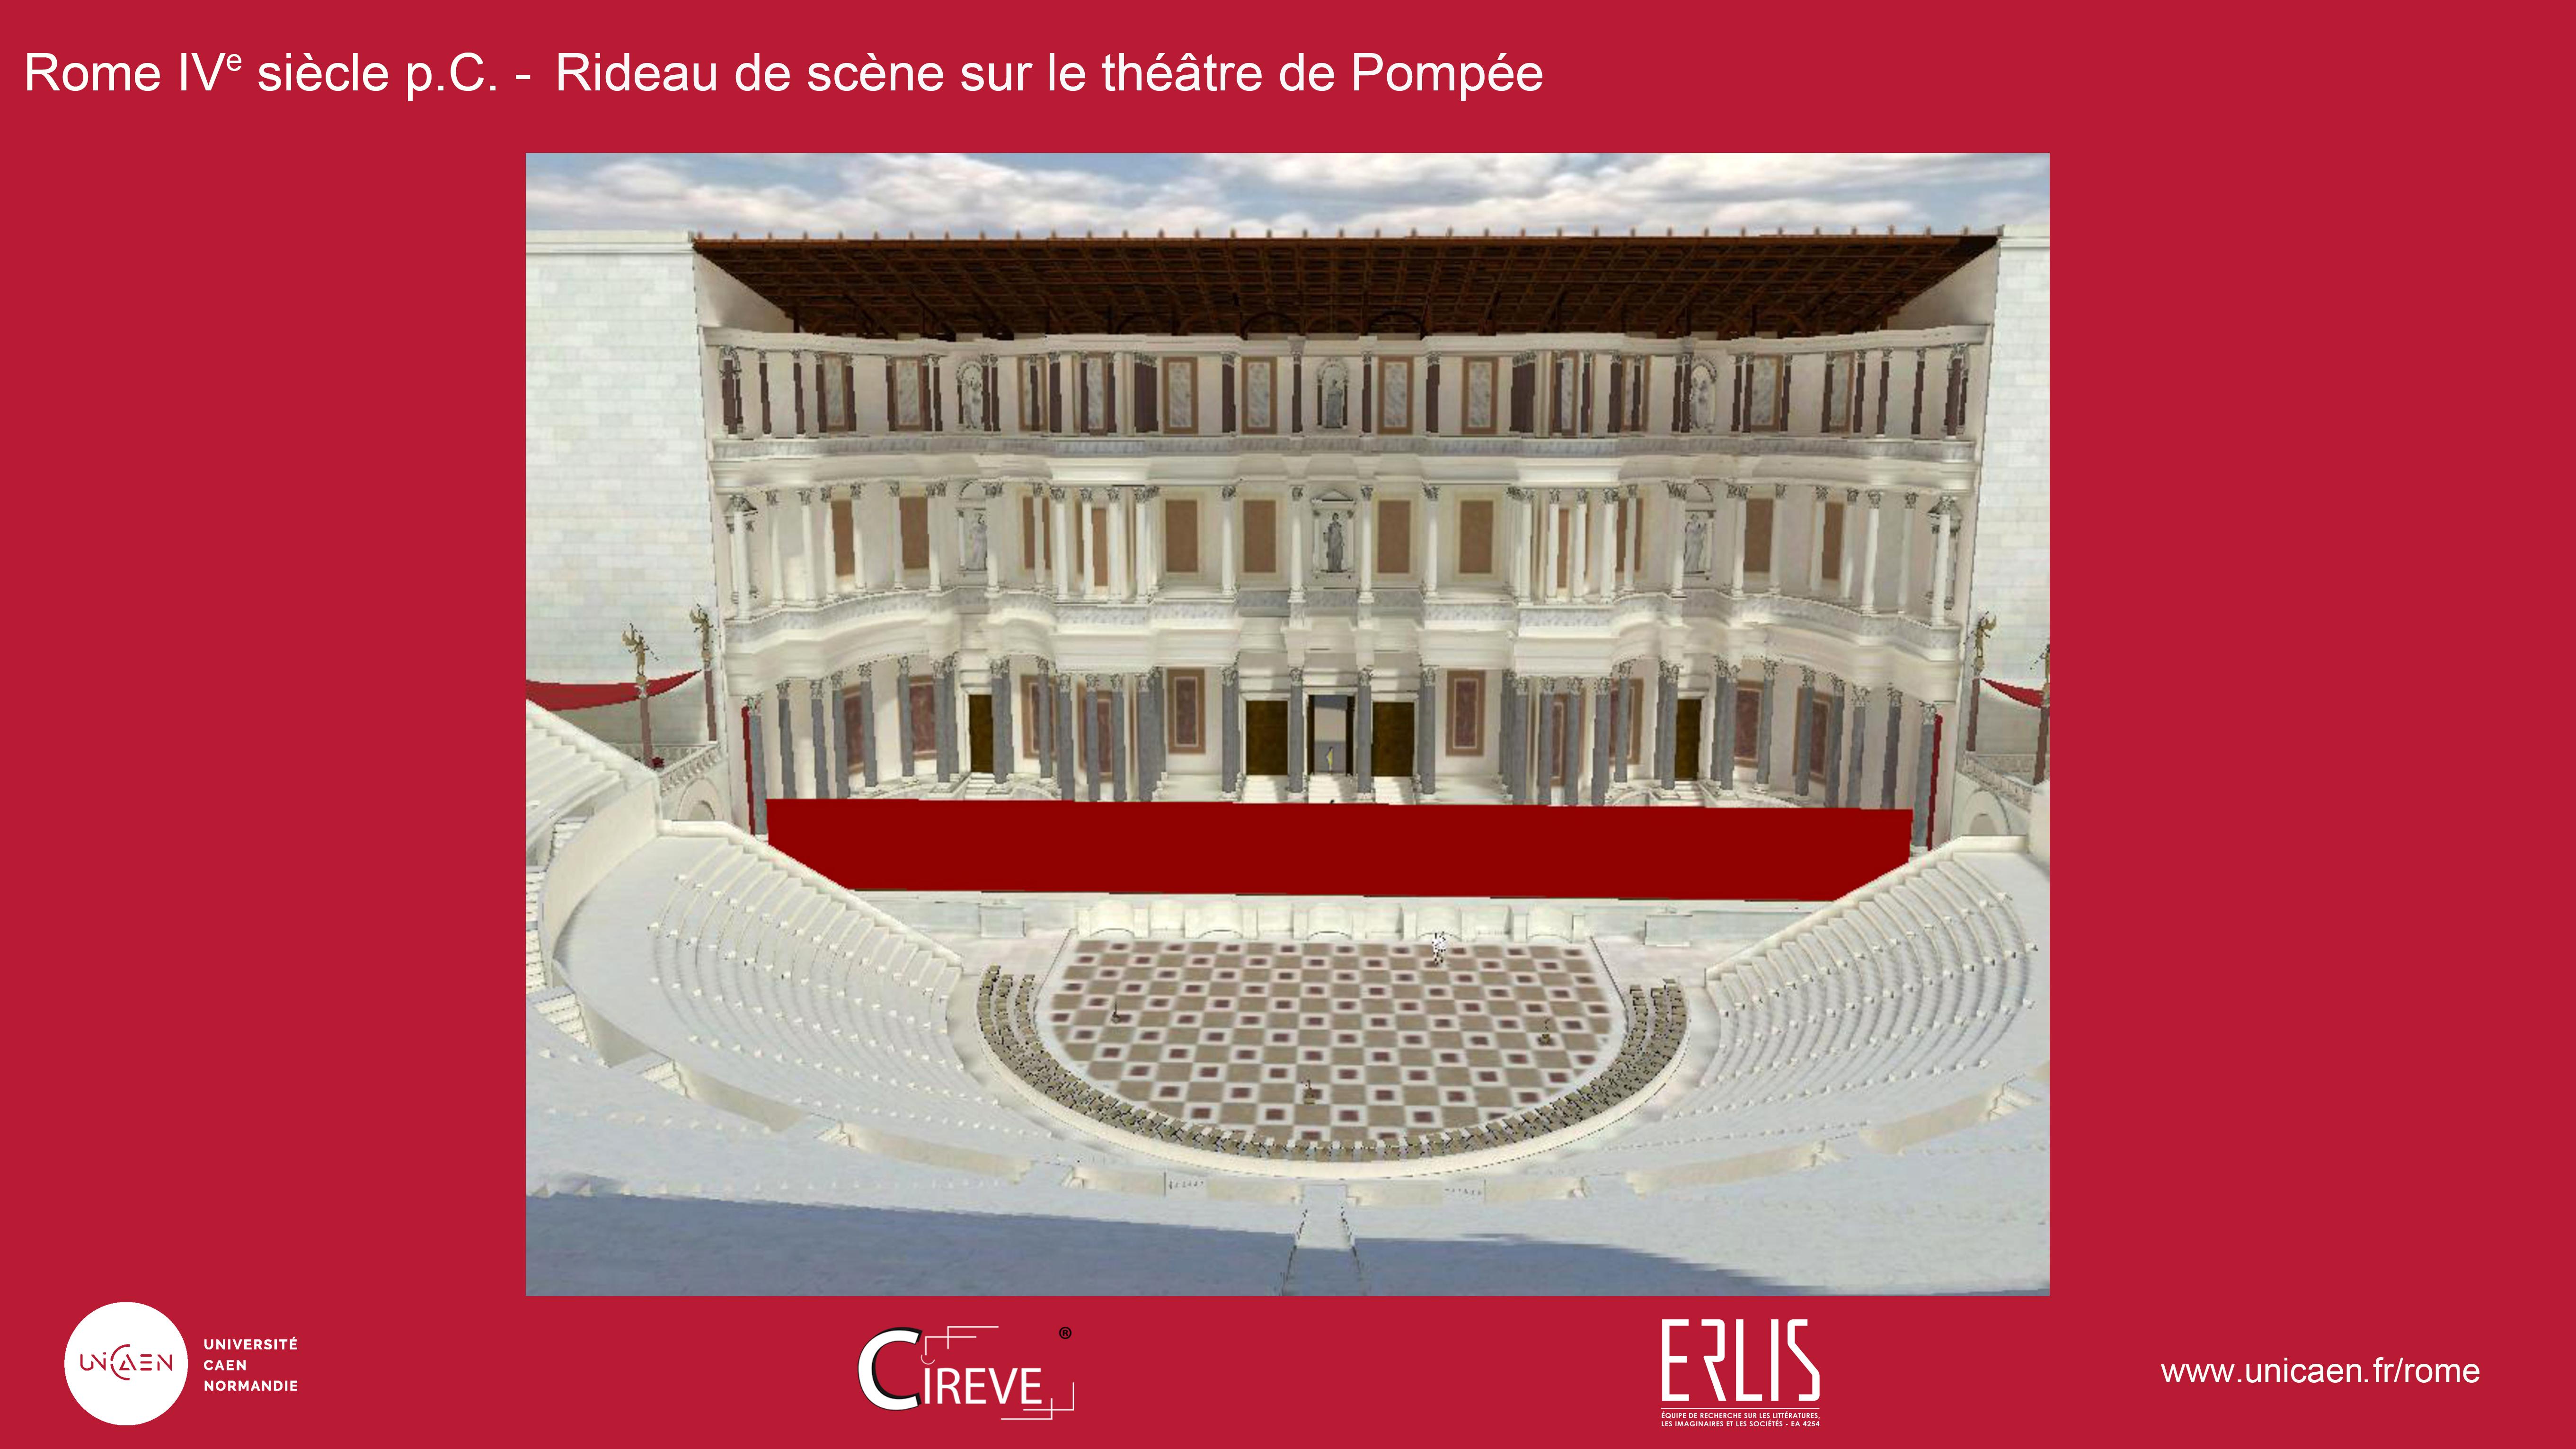 Rideau de scène du théâtre de Pompée